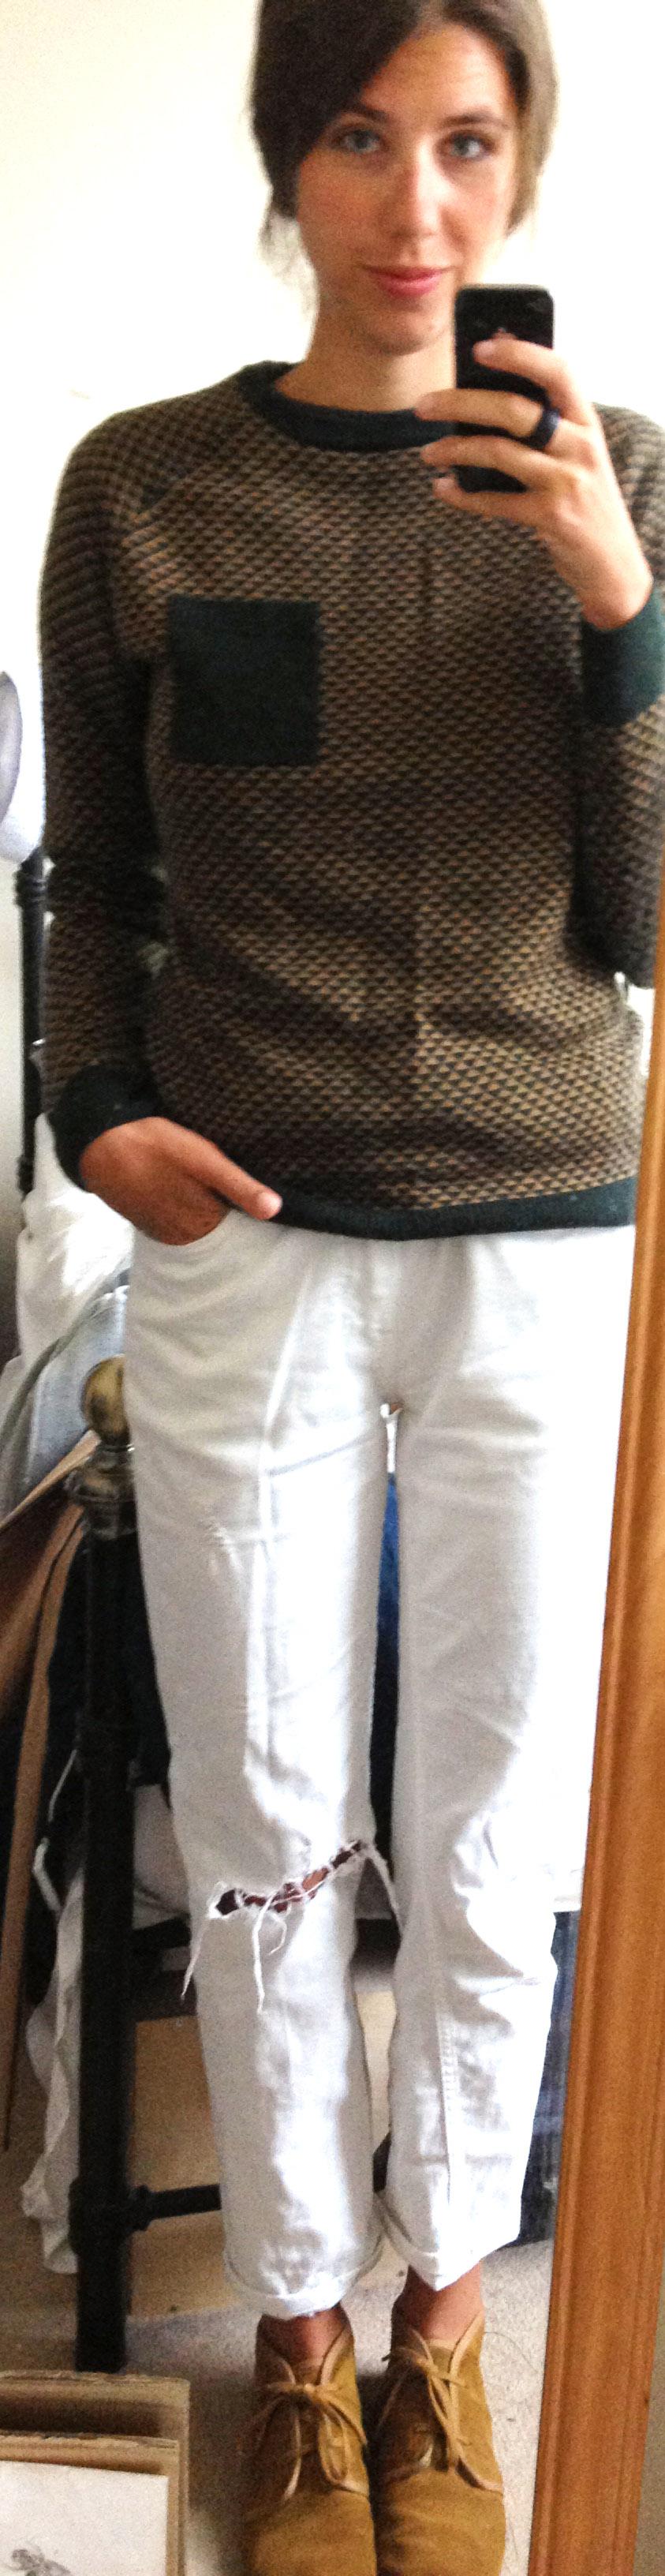 Primark Men's Sweater,  White Boyfriend Jeans ,  Suede Desert Boots